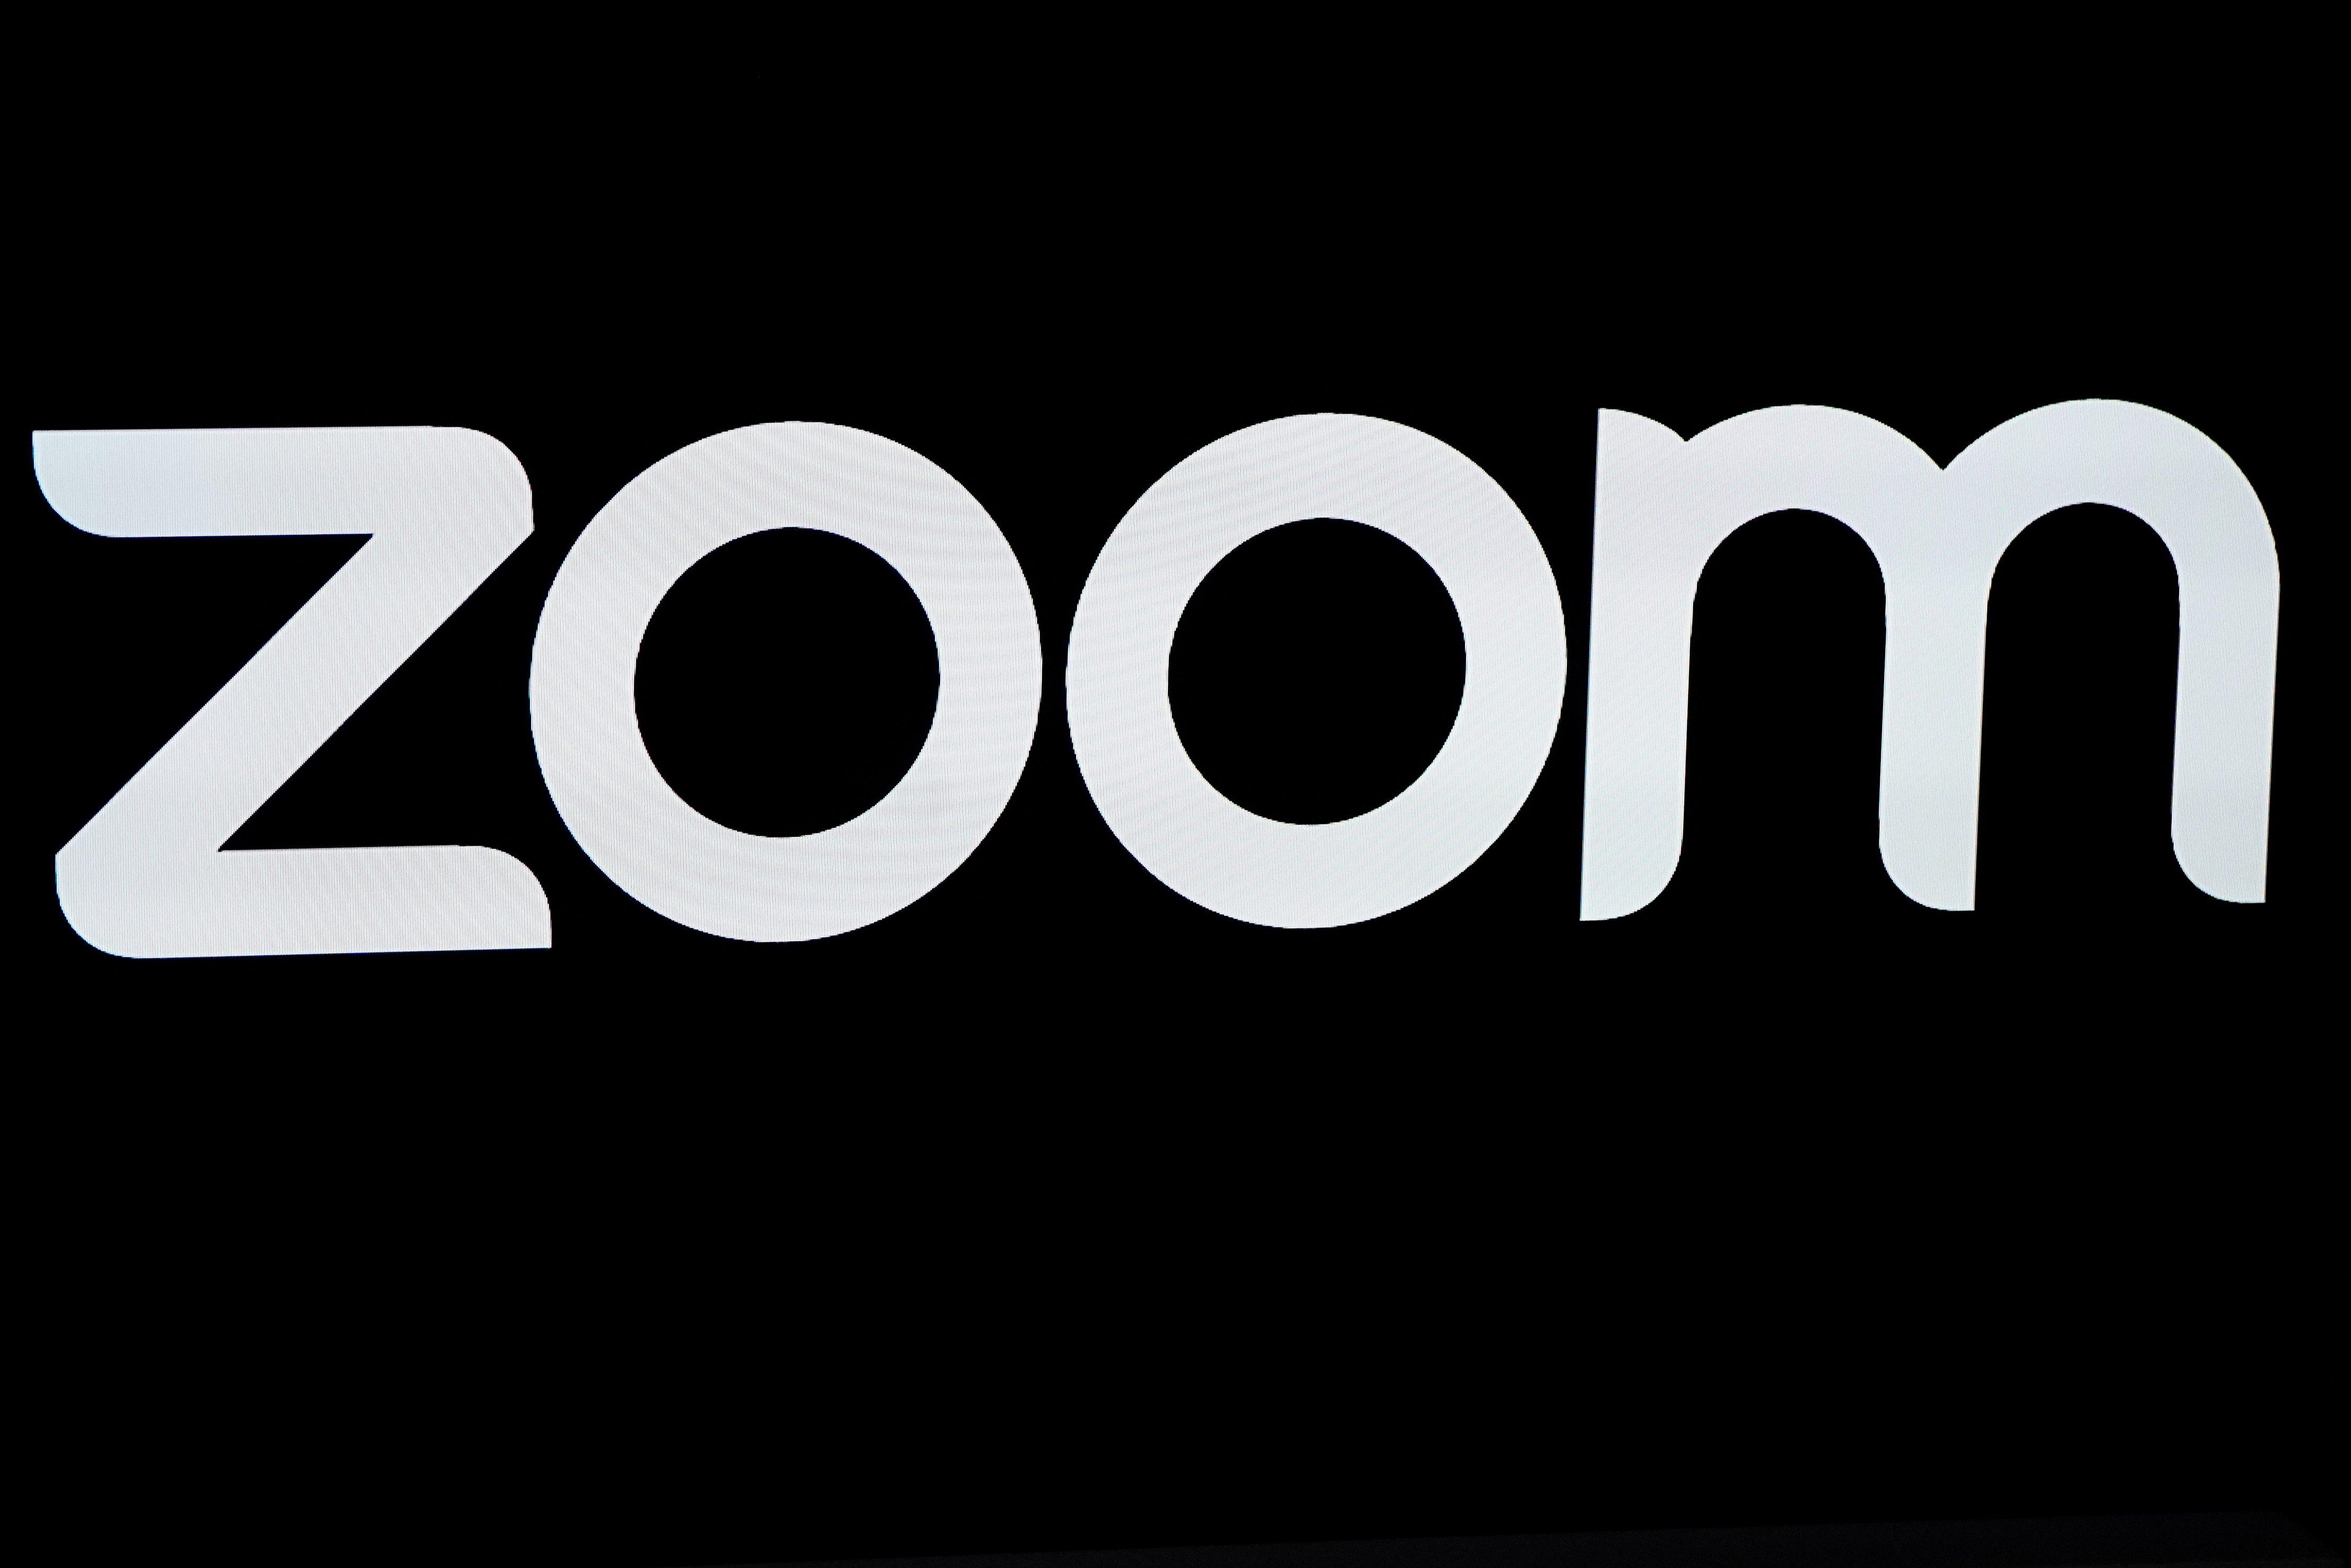 Zoom ประกาศขอแก้ไขแอพพ์ให้ดีขึ้น หลังพบปัญหาเรื่องความปลอดภัยและความเป็นส่วนตัว